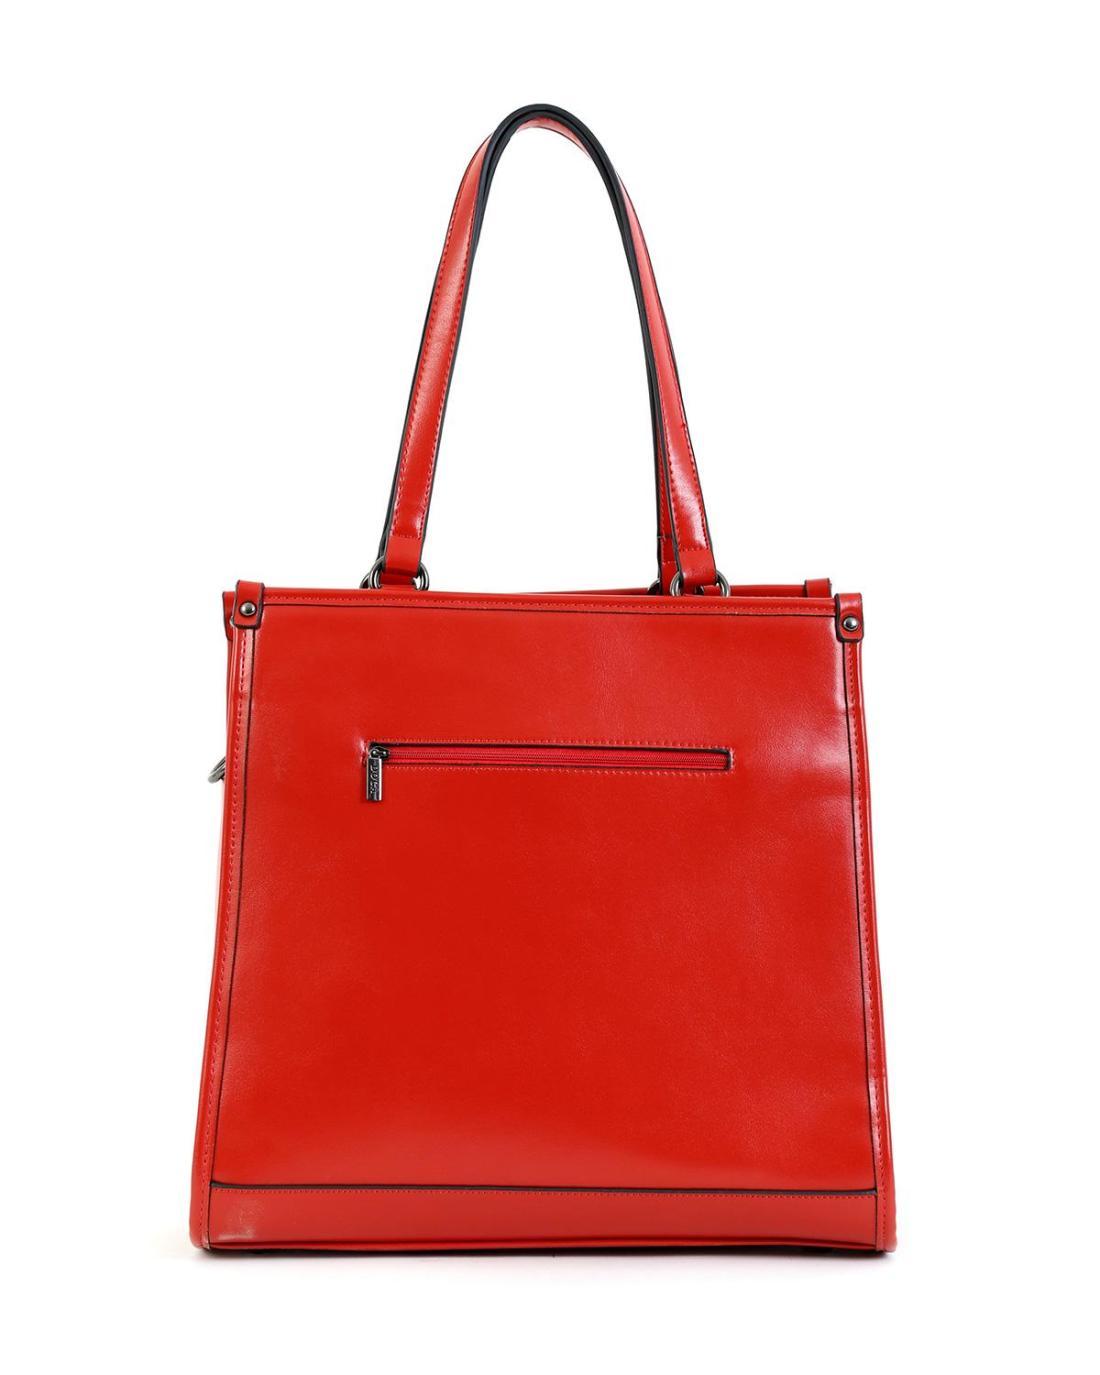 Red handbag